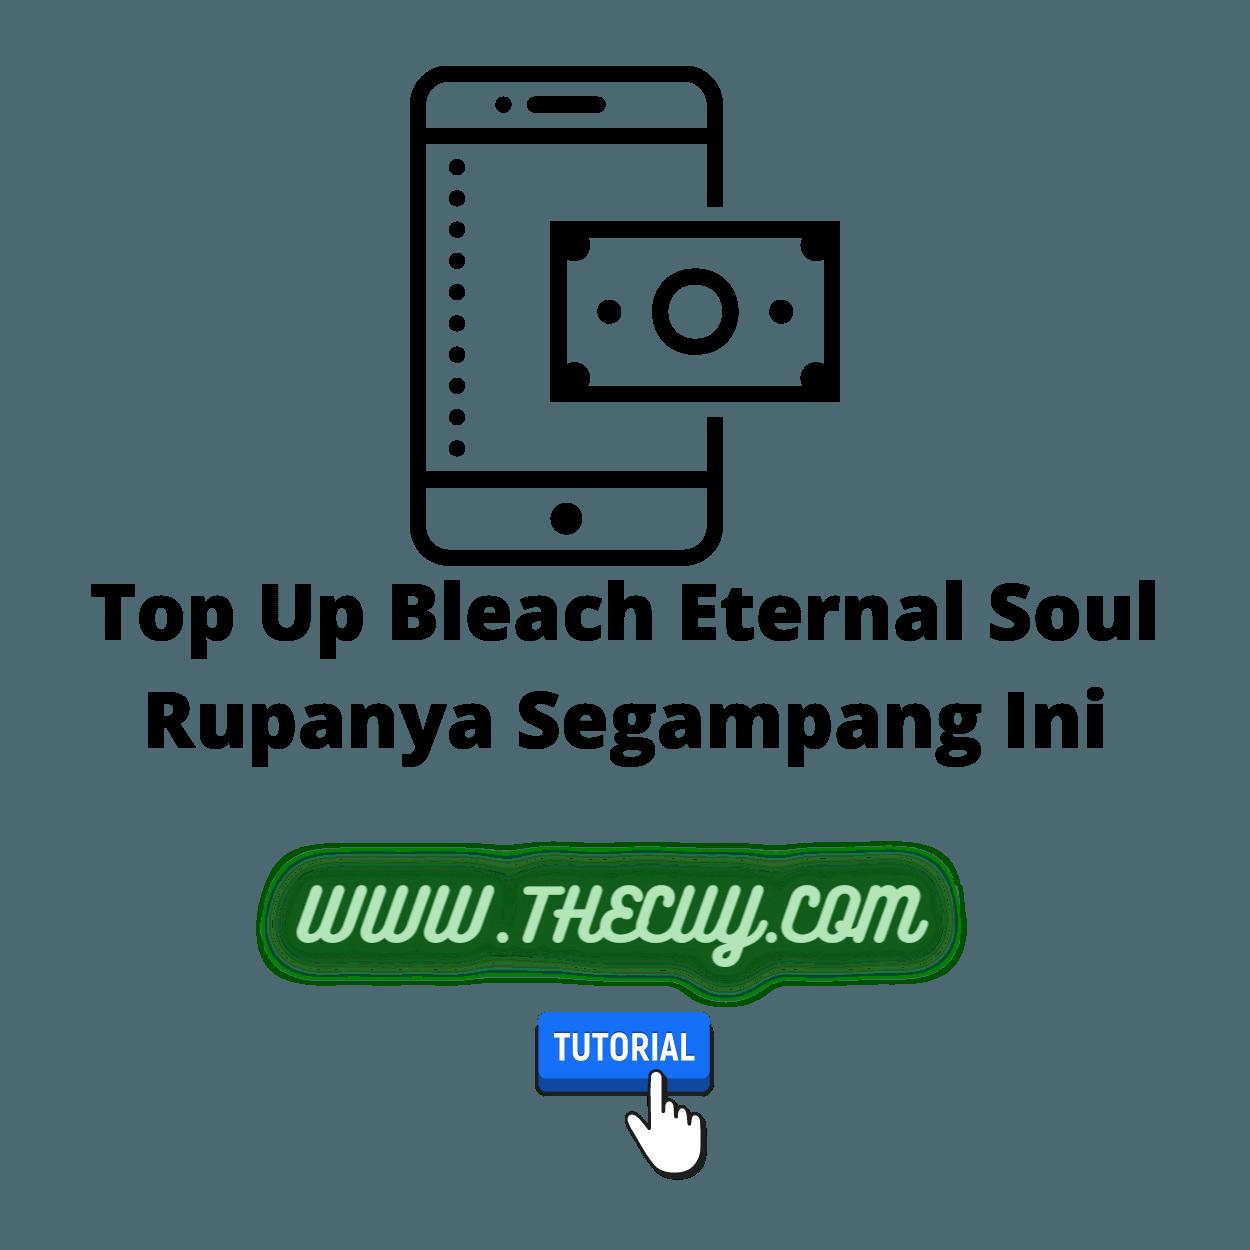 Top Up Bleach Eternal Soul Rupanya Segampang Ini